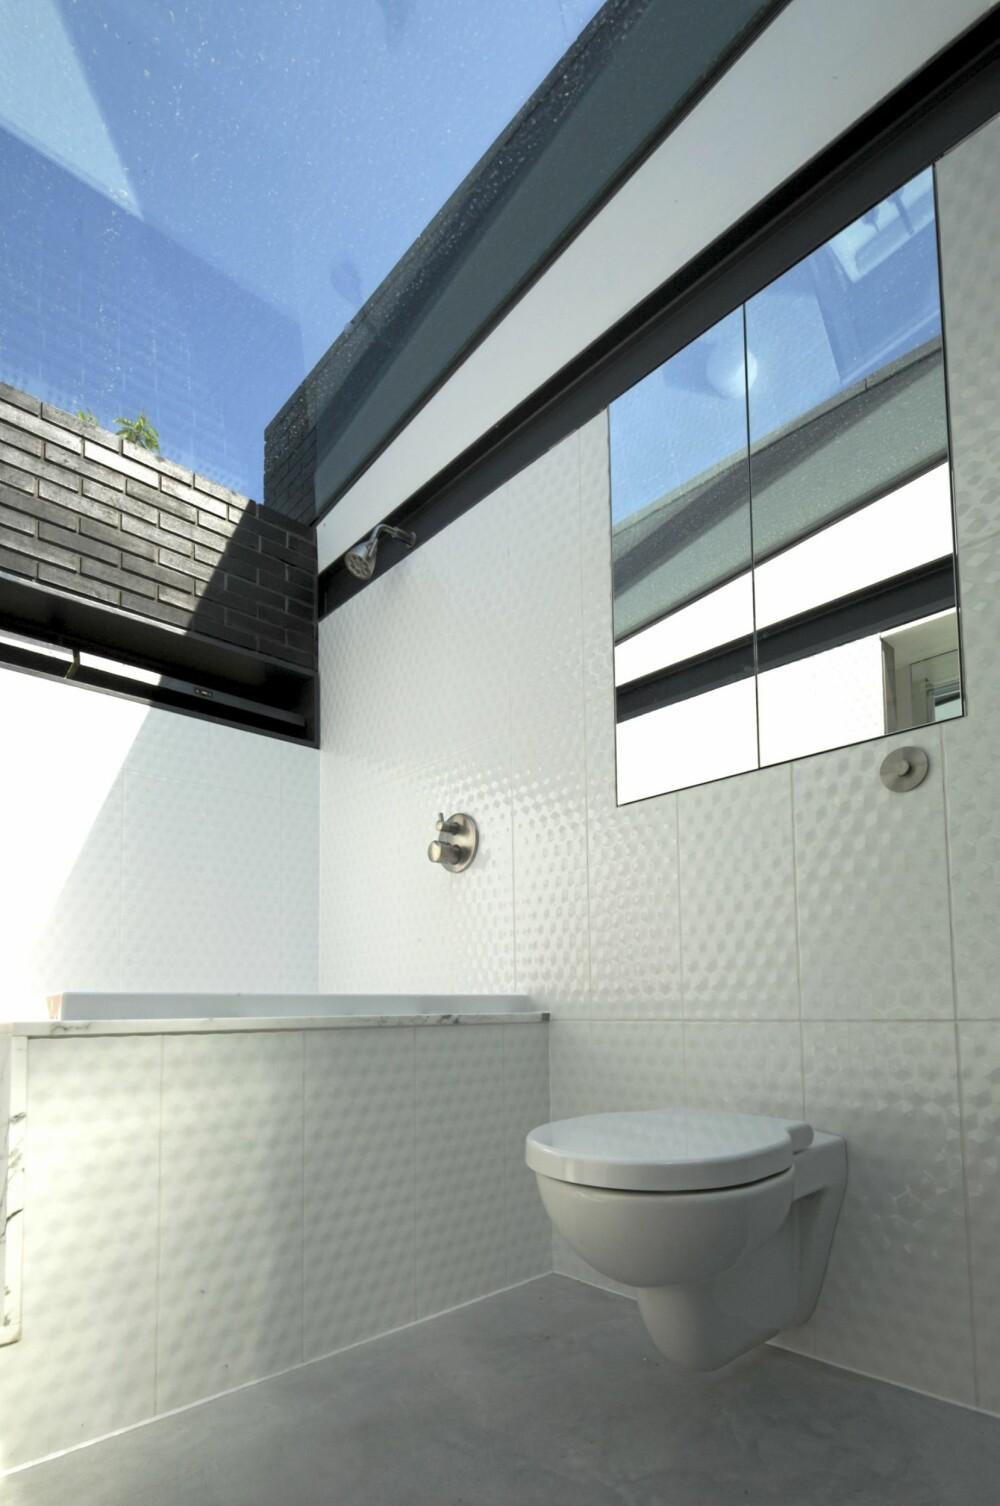 EGEN KARAKTER: Hvert rom har sin egen karakter. Her er det benyttet strukturert og reflekterende flater.